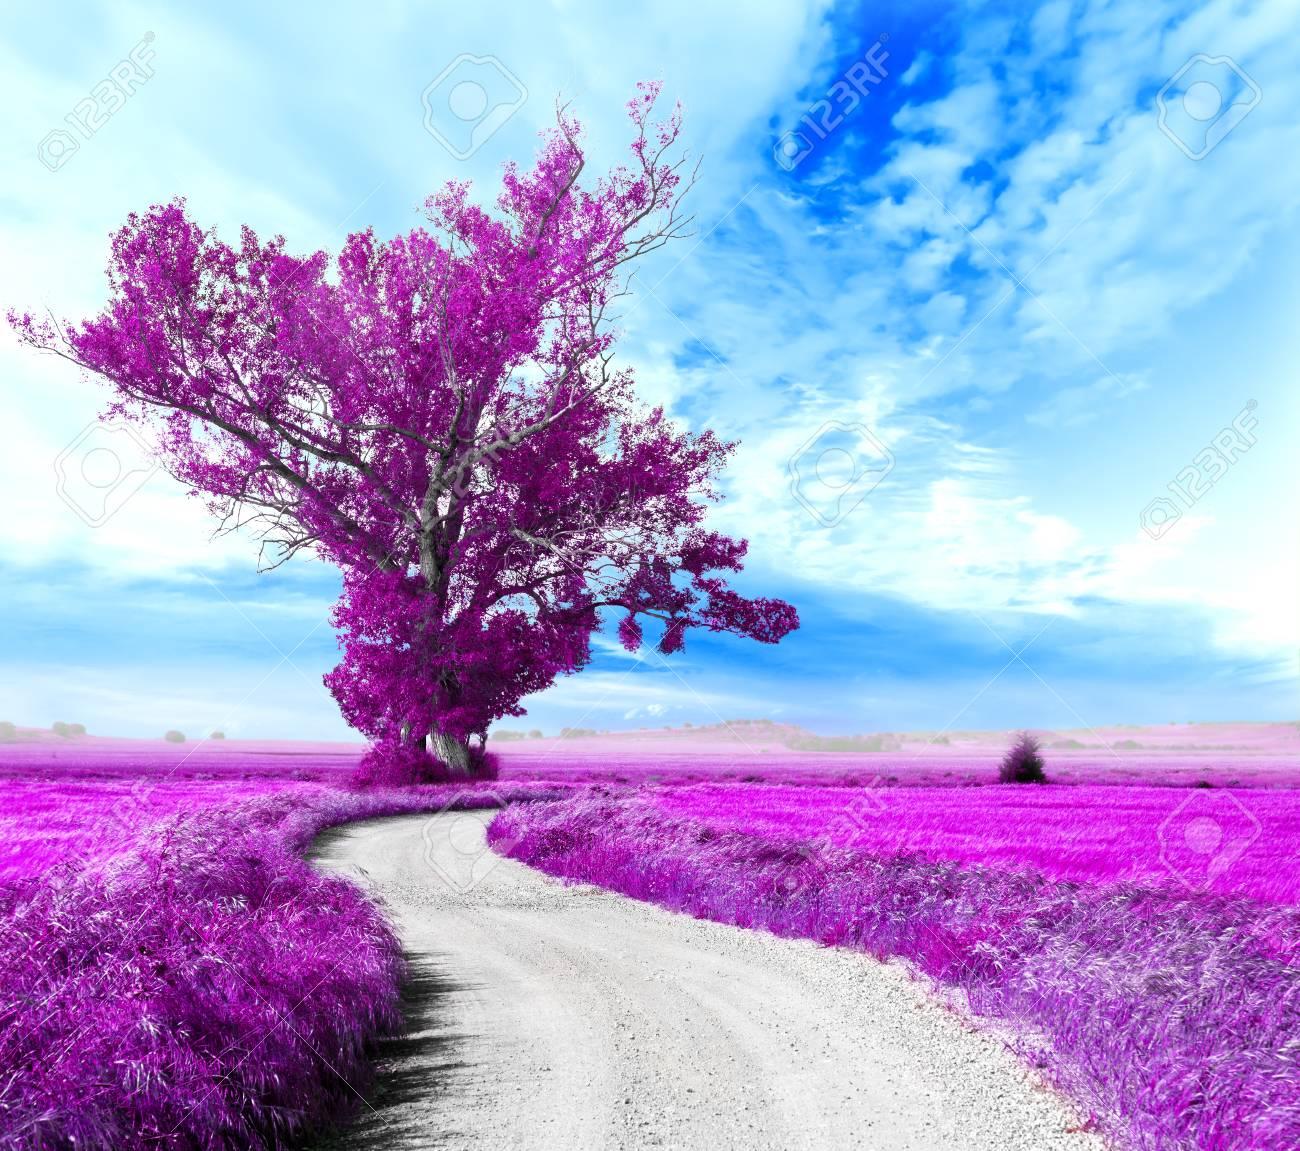 Traductions en contexte de paysage de rêve en français-anglais avec Reverso Context. Surreal Tree And Dreamscape Road Through The Fields Stock Photo Picture And Royalty Free Image Image 69970333